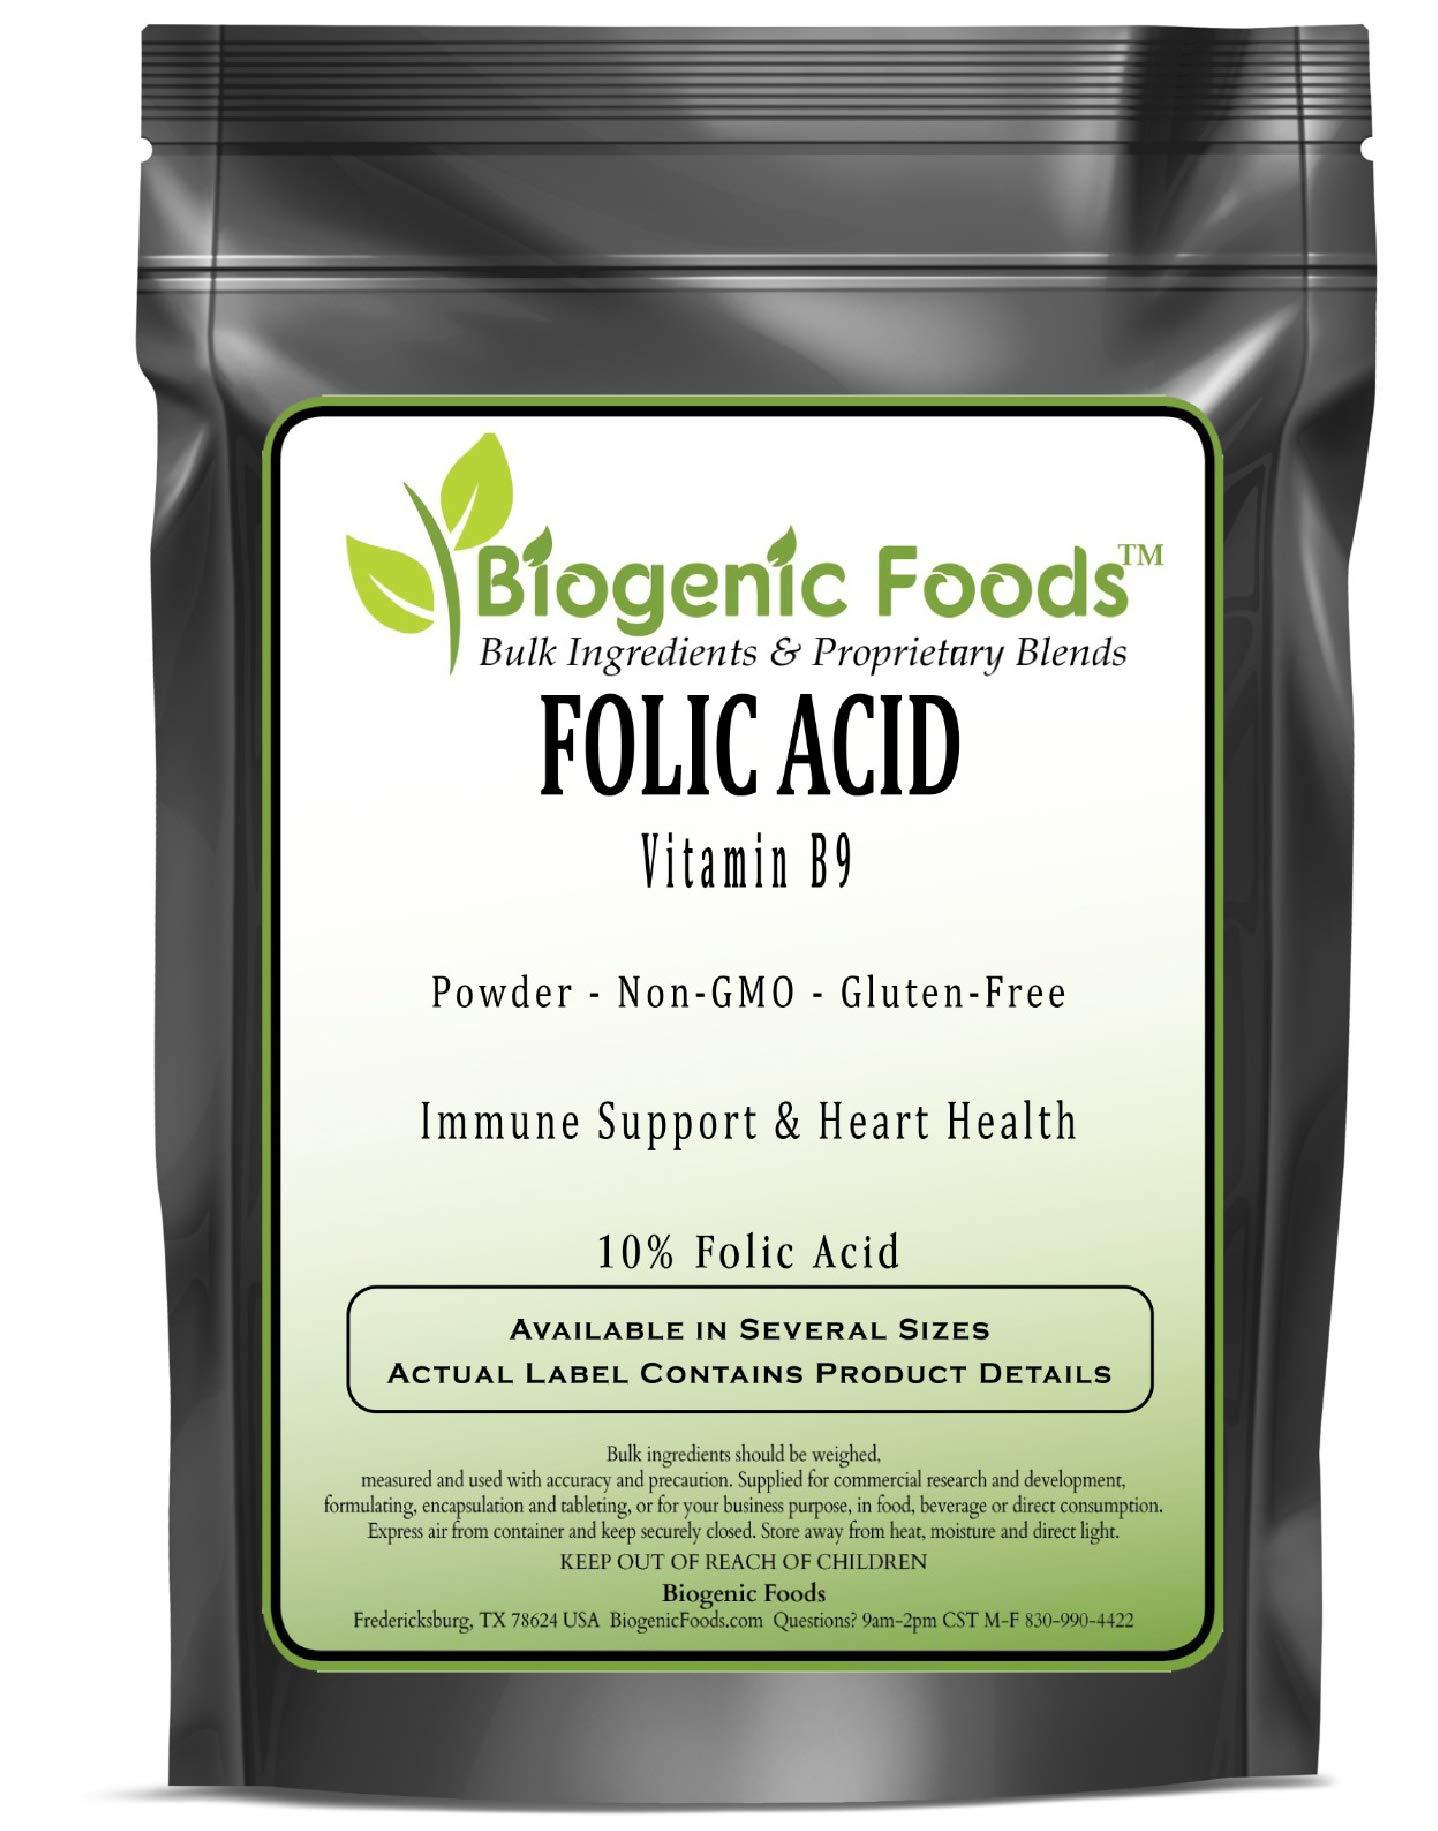 Folic Acid - Vitamin B9 Powder Extract (10% Folic Acid), 1 kg